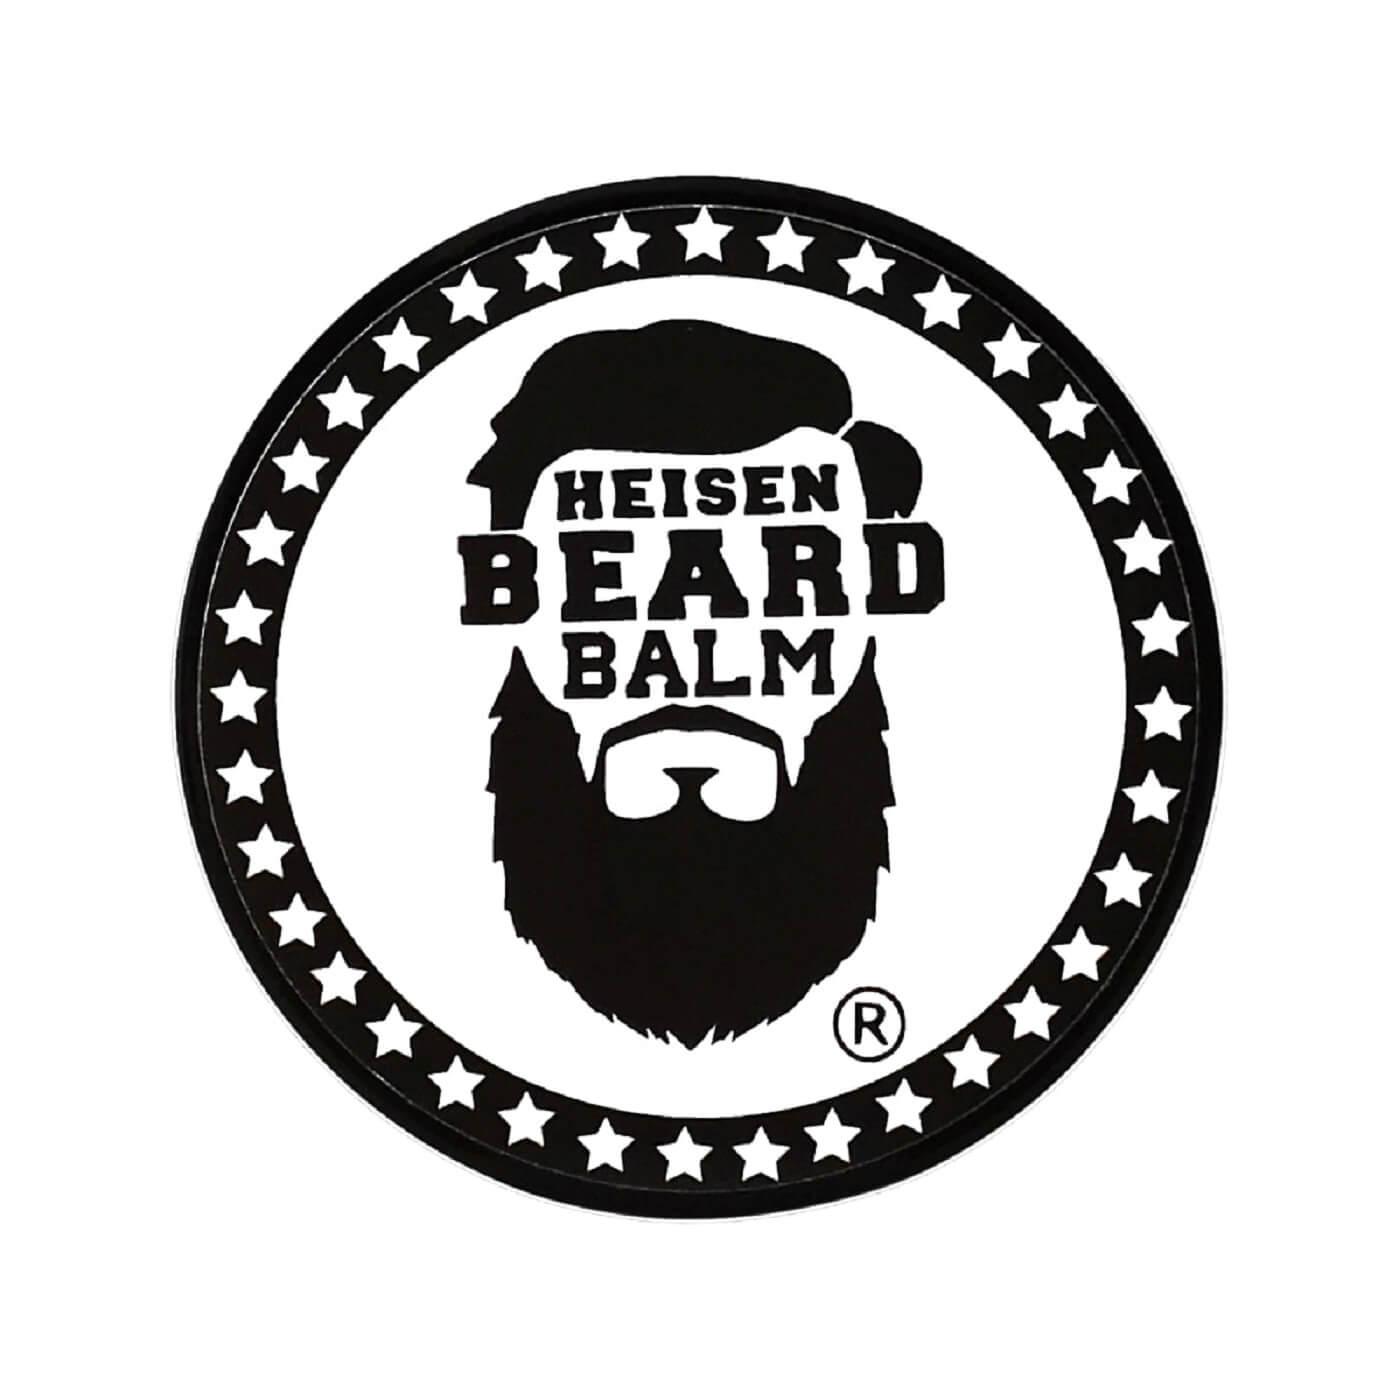 Bartbalsam 50 ml von Heisenbeard - Bart pflegen und formen